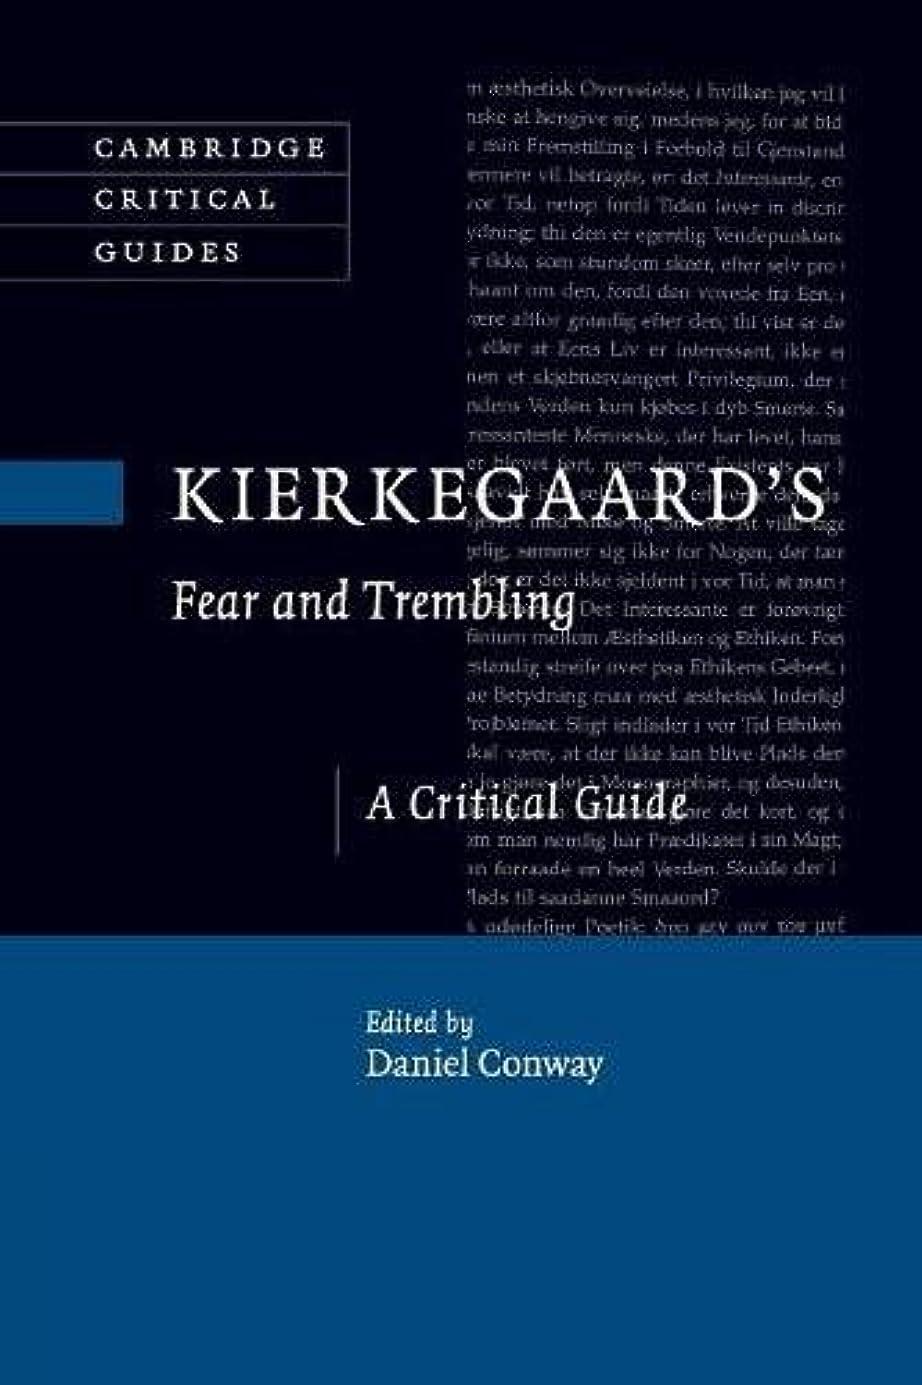 完璧振動させる捨てるKierkegaard's Fear and Trembling: A Critical Guide (Cambridge Critical Guides)